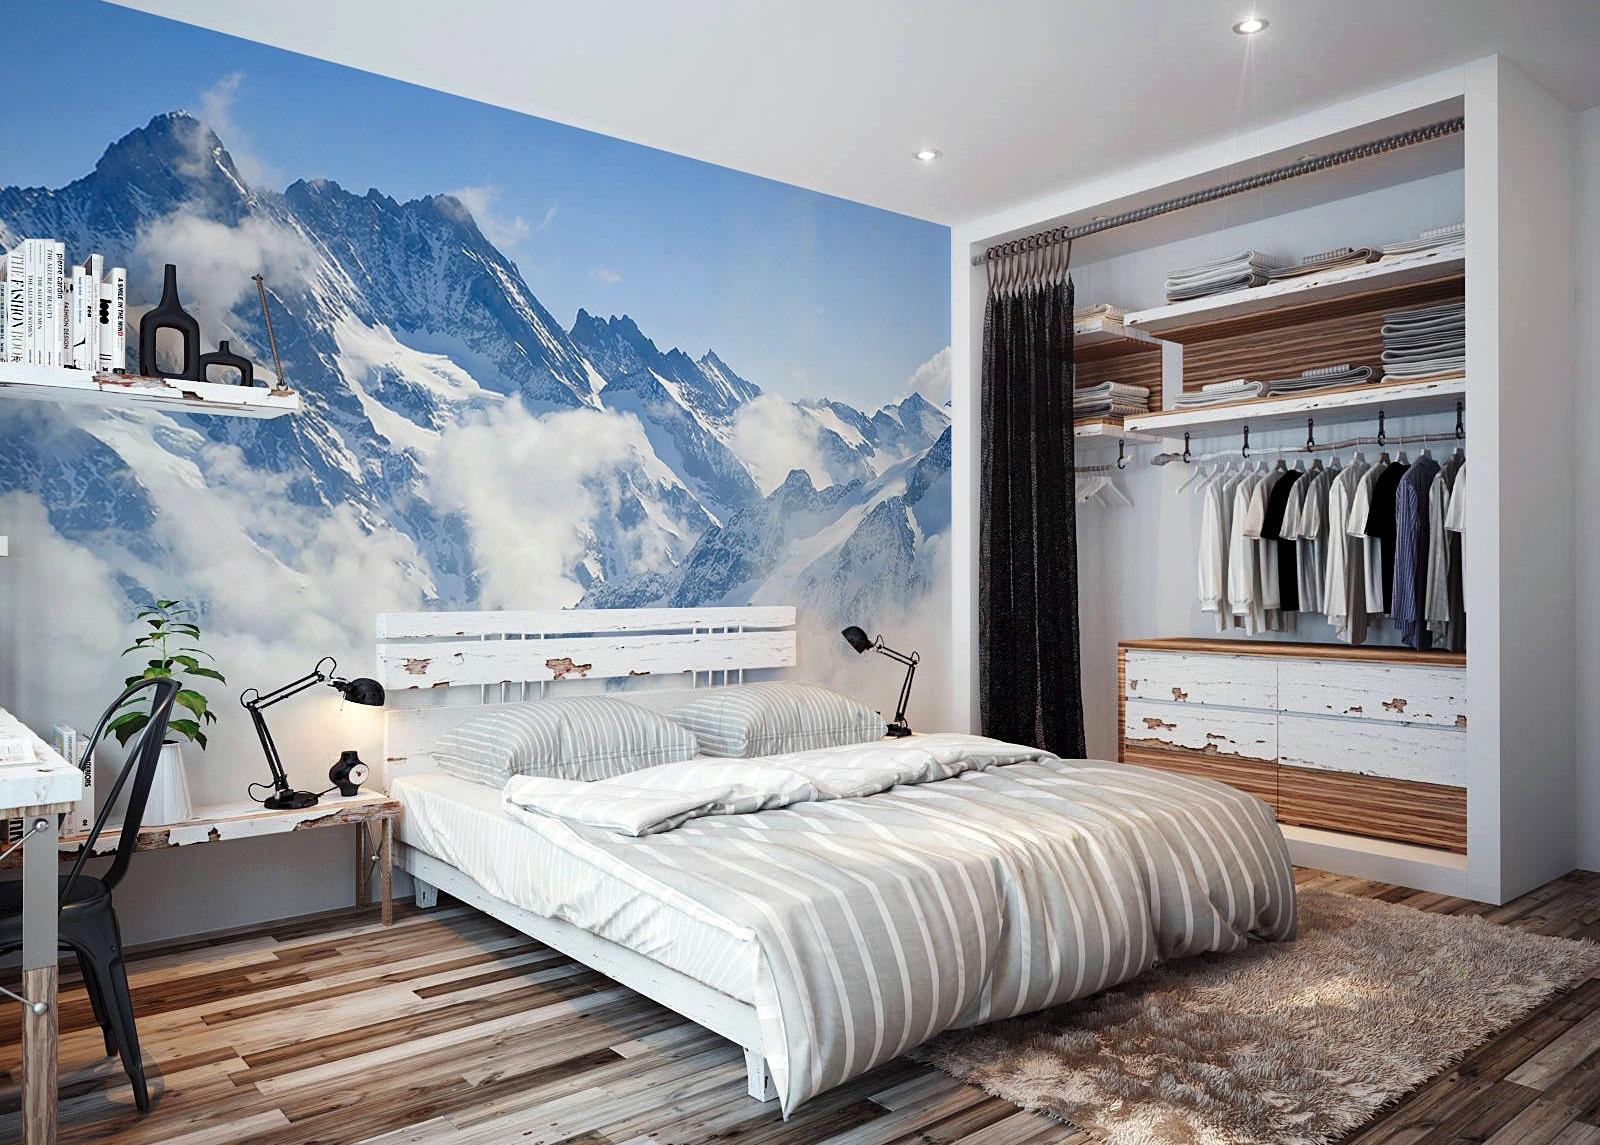 Как оформить стену над кроватью в спальне?